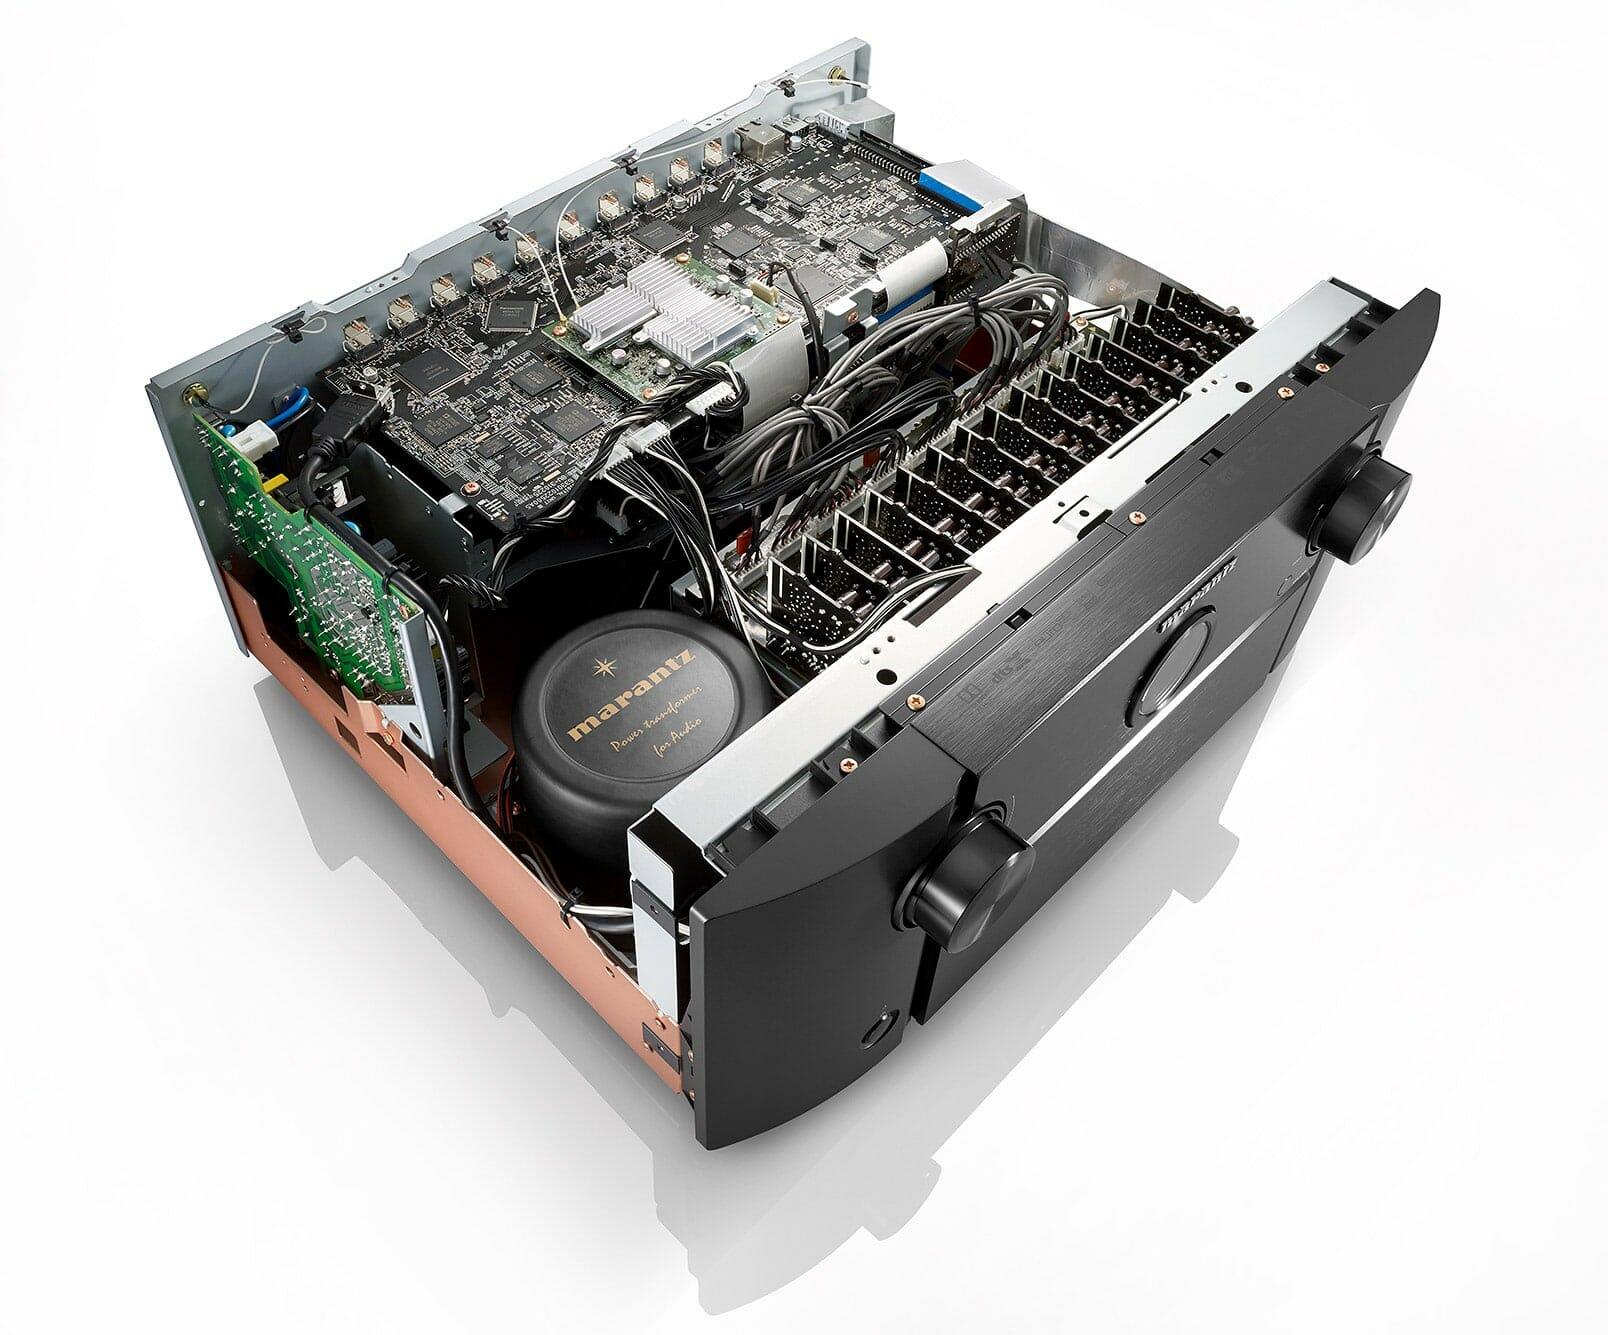 Marantz AV8805 mit 13.2 Kanal-Signalverarbeitung und Auro 3D ...